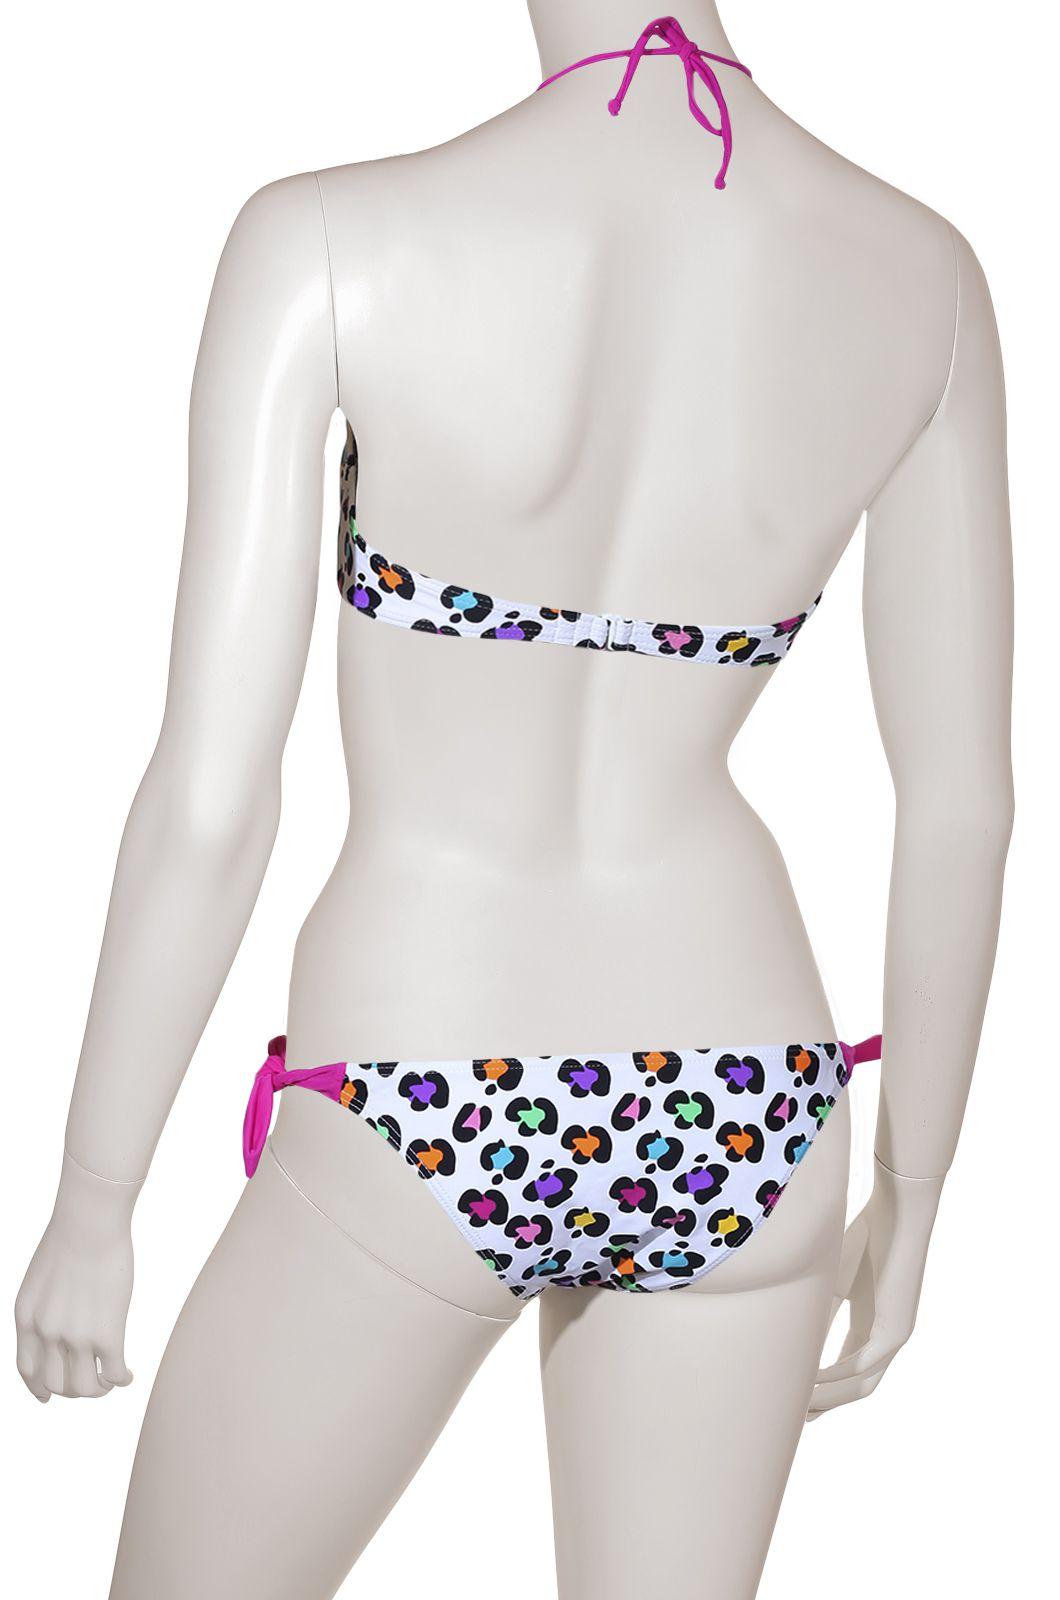 Модный купальник бикини Blanco (Испания) - вид сзади